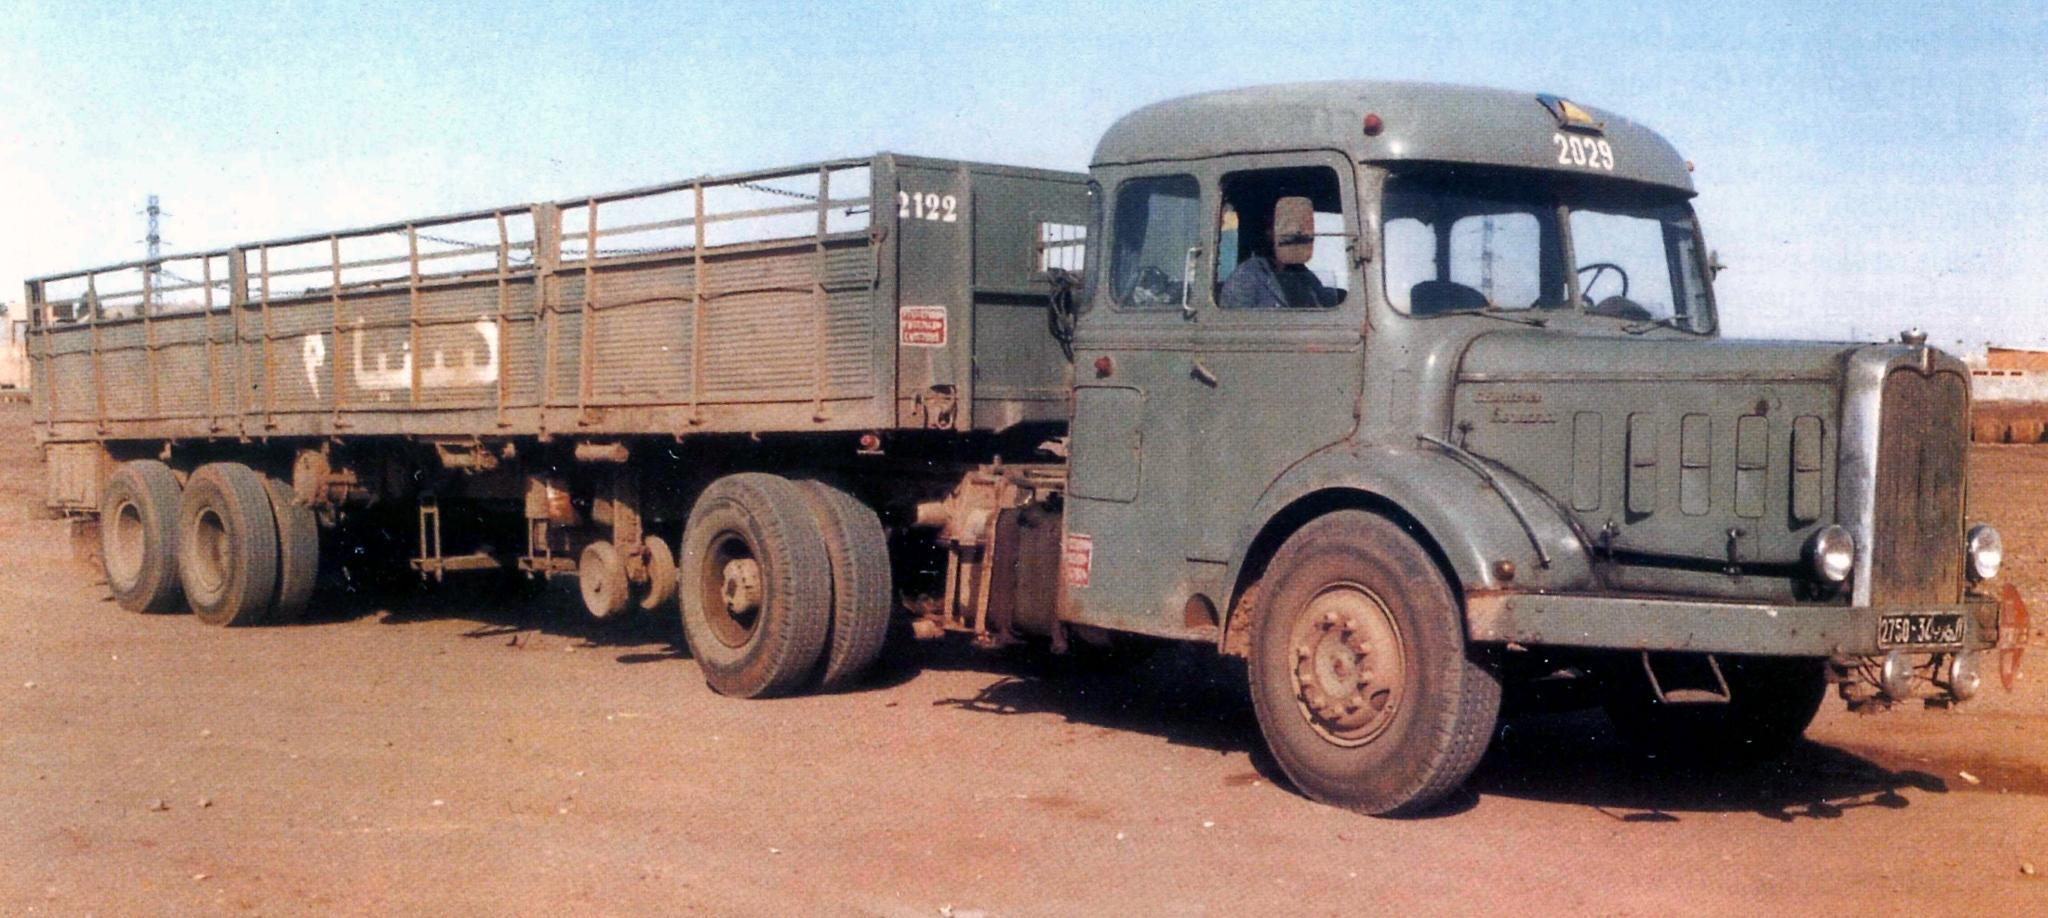 Transport Routier au Maroc - Histoire 49772186572_e267d52de0_o_d